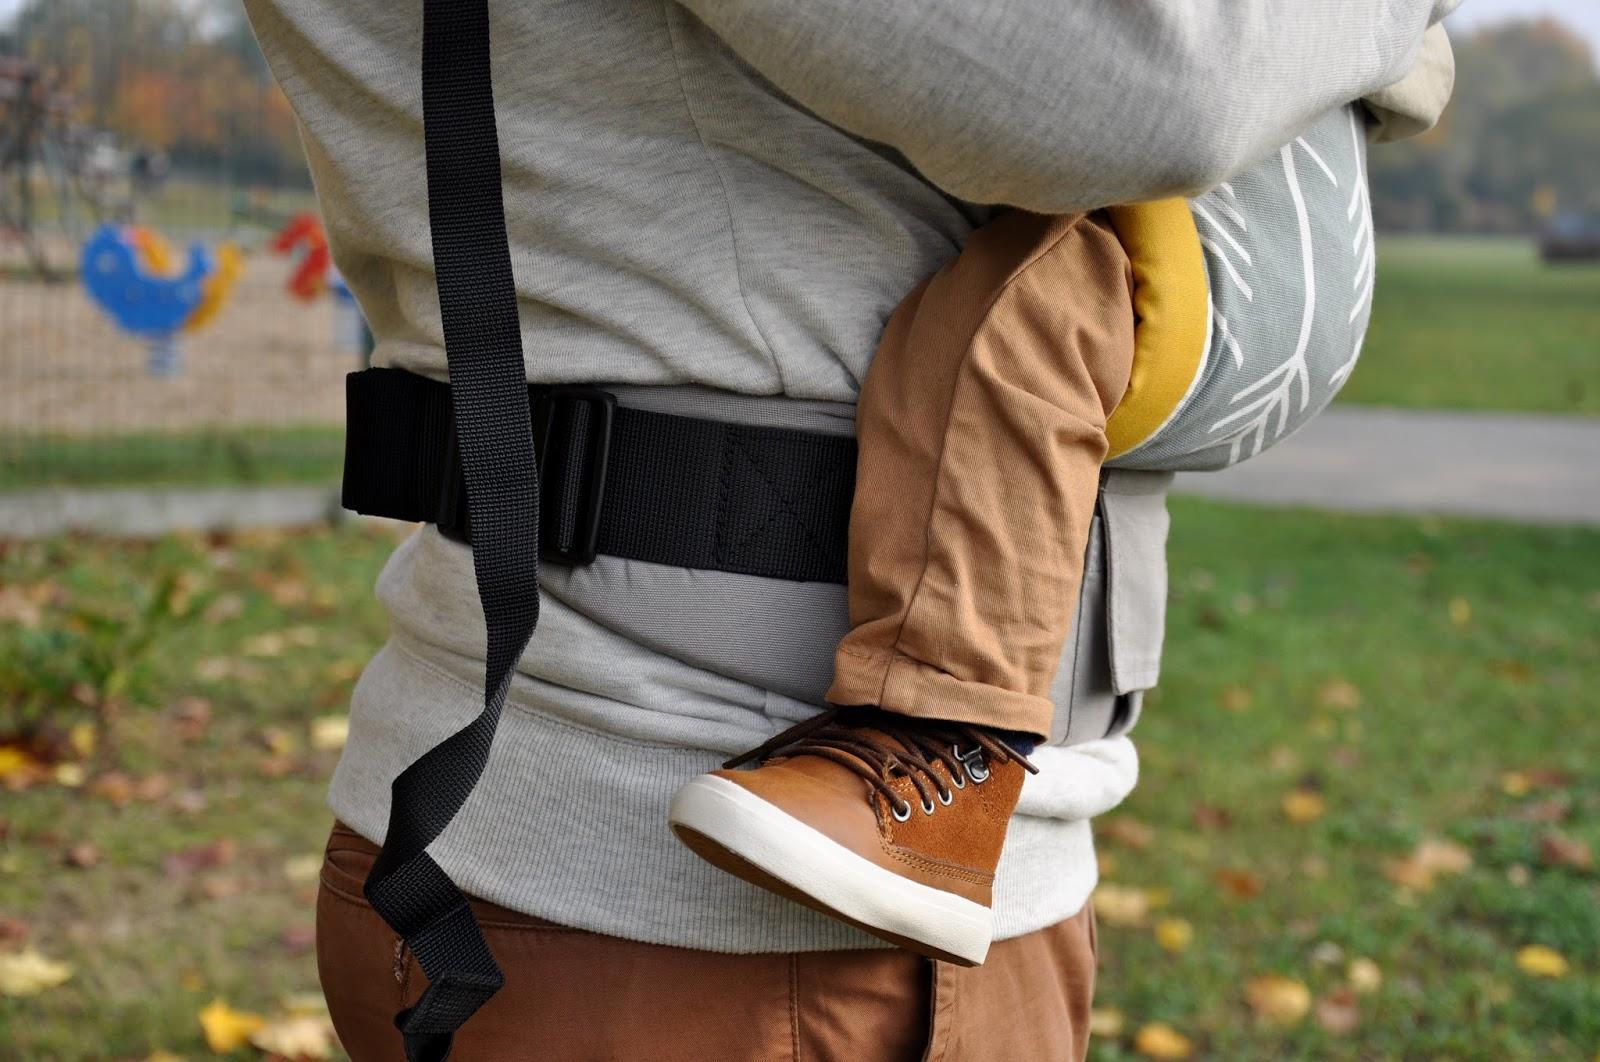 nosidełko ergonomiczne Tula strzałki